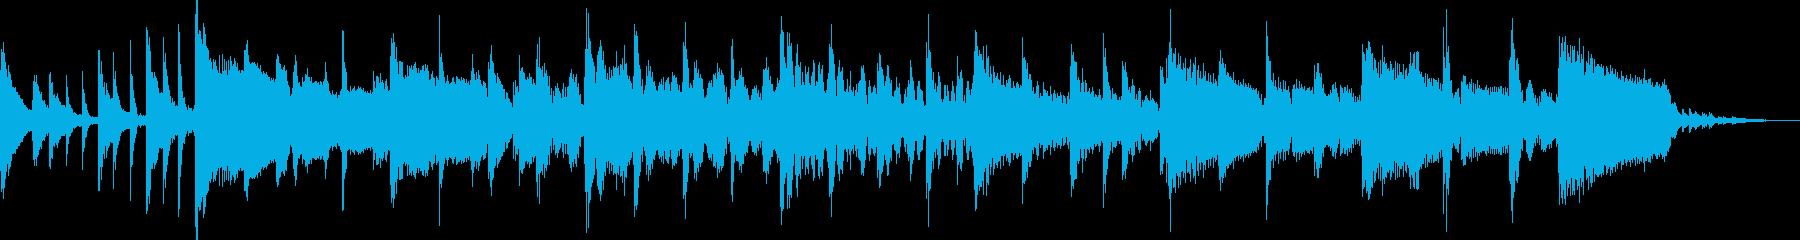 チープサウウンド GAMEイントロの再生済みの波形